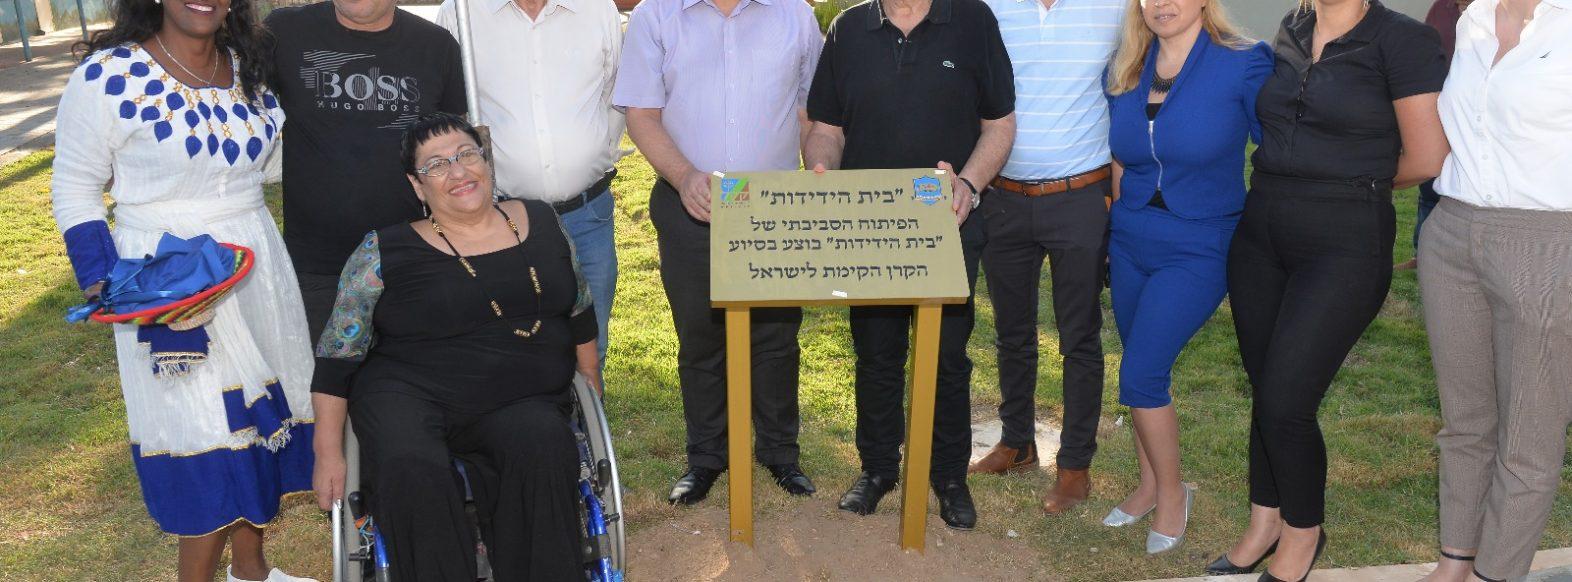 נחנך גן ידידות בשכונת צור שלום בקרית ביאליק שהוקם על ידי קרן קימת לישראל